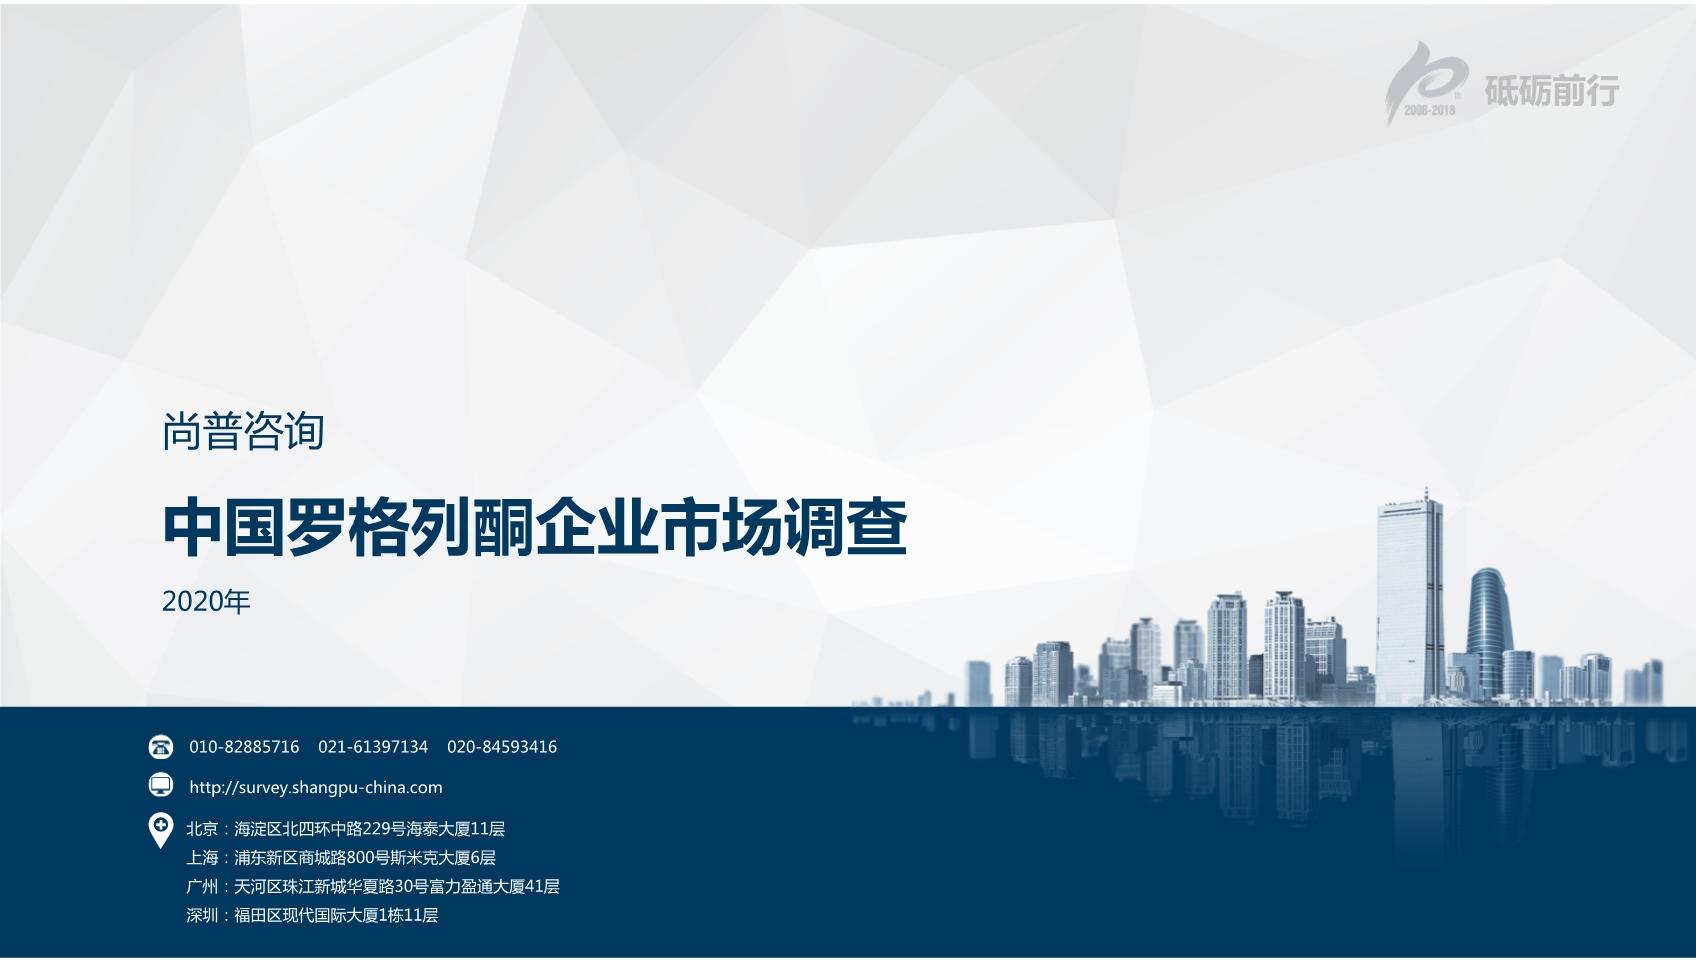 尚普咨询:2020年中国罗格列酮企业市场调查